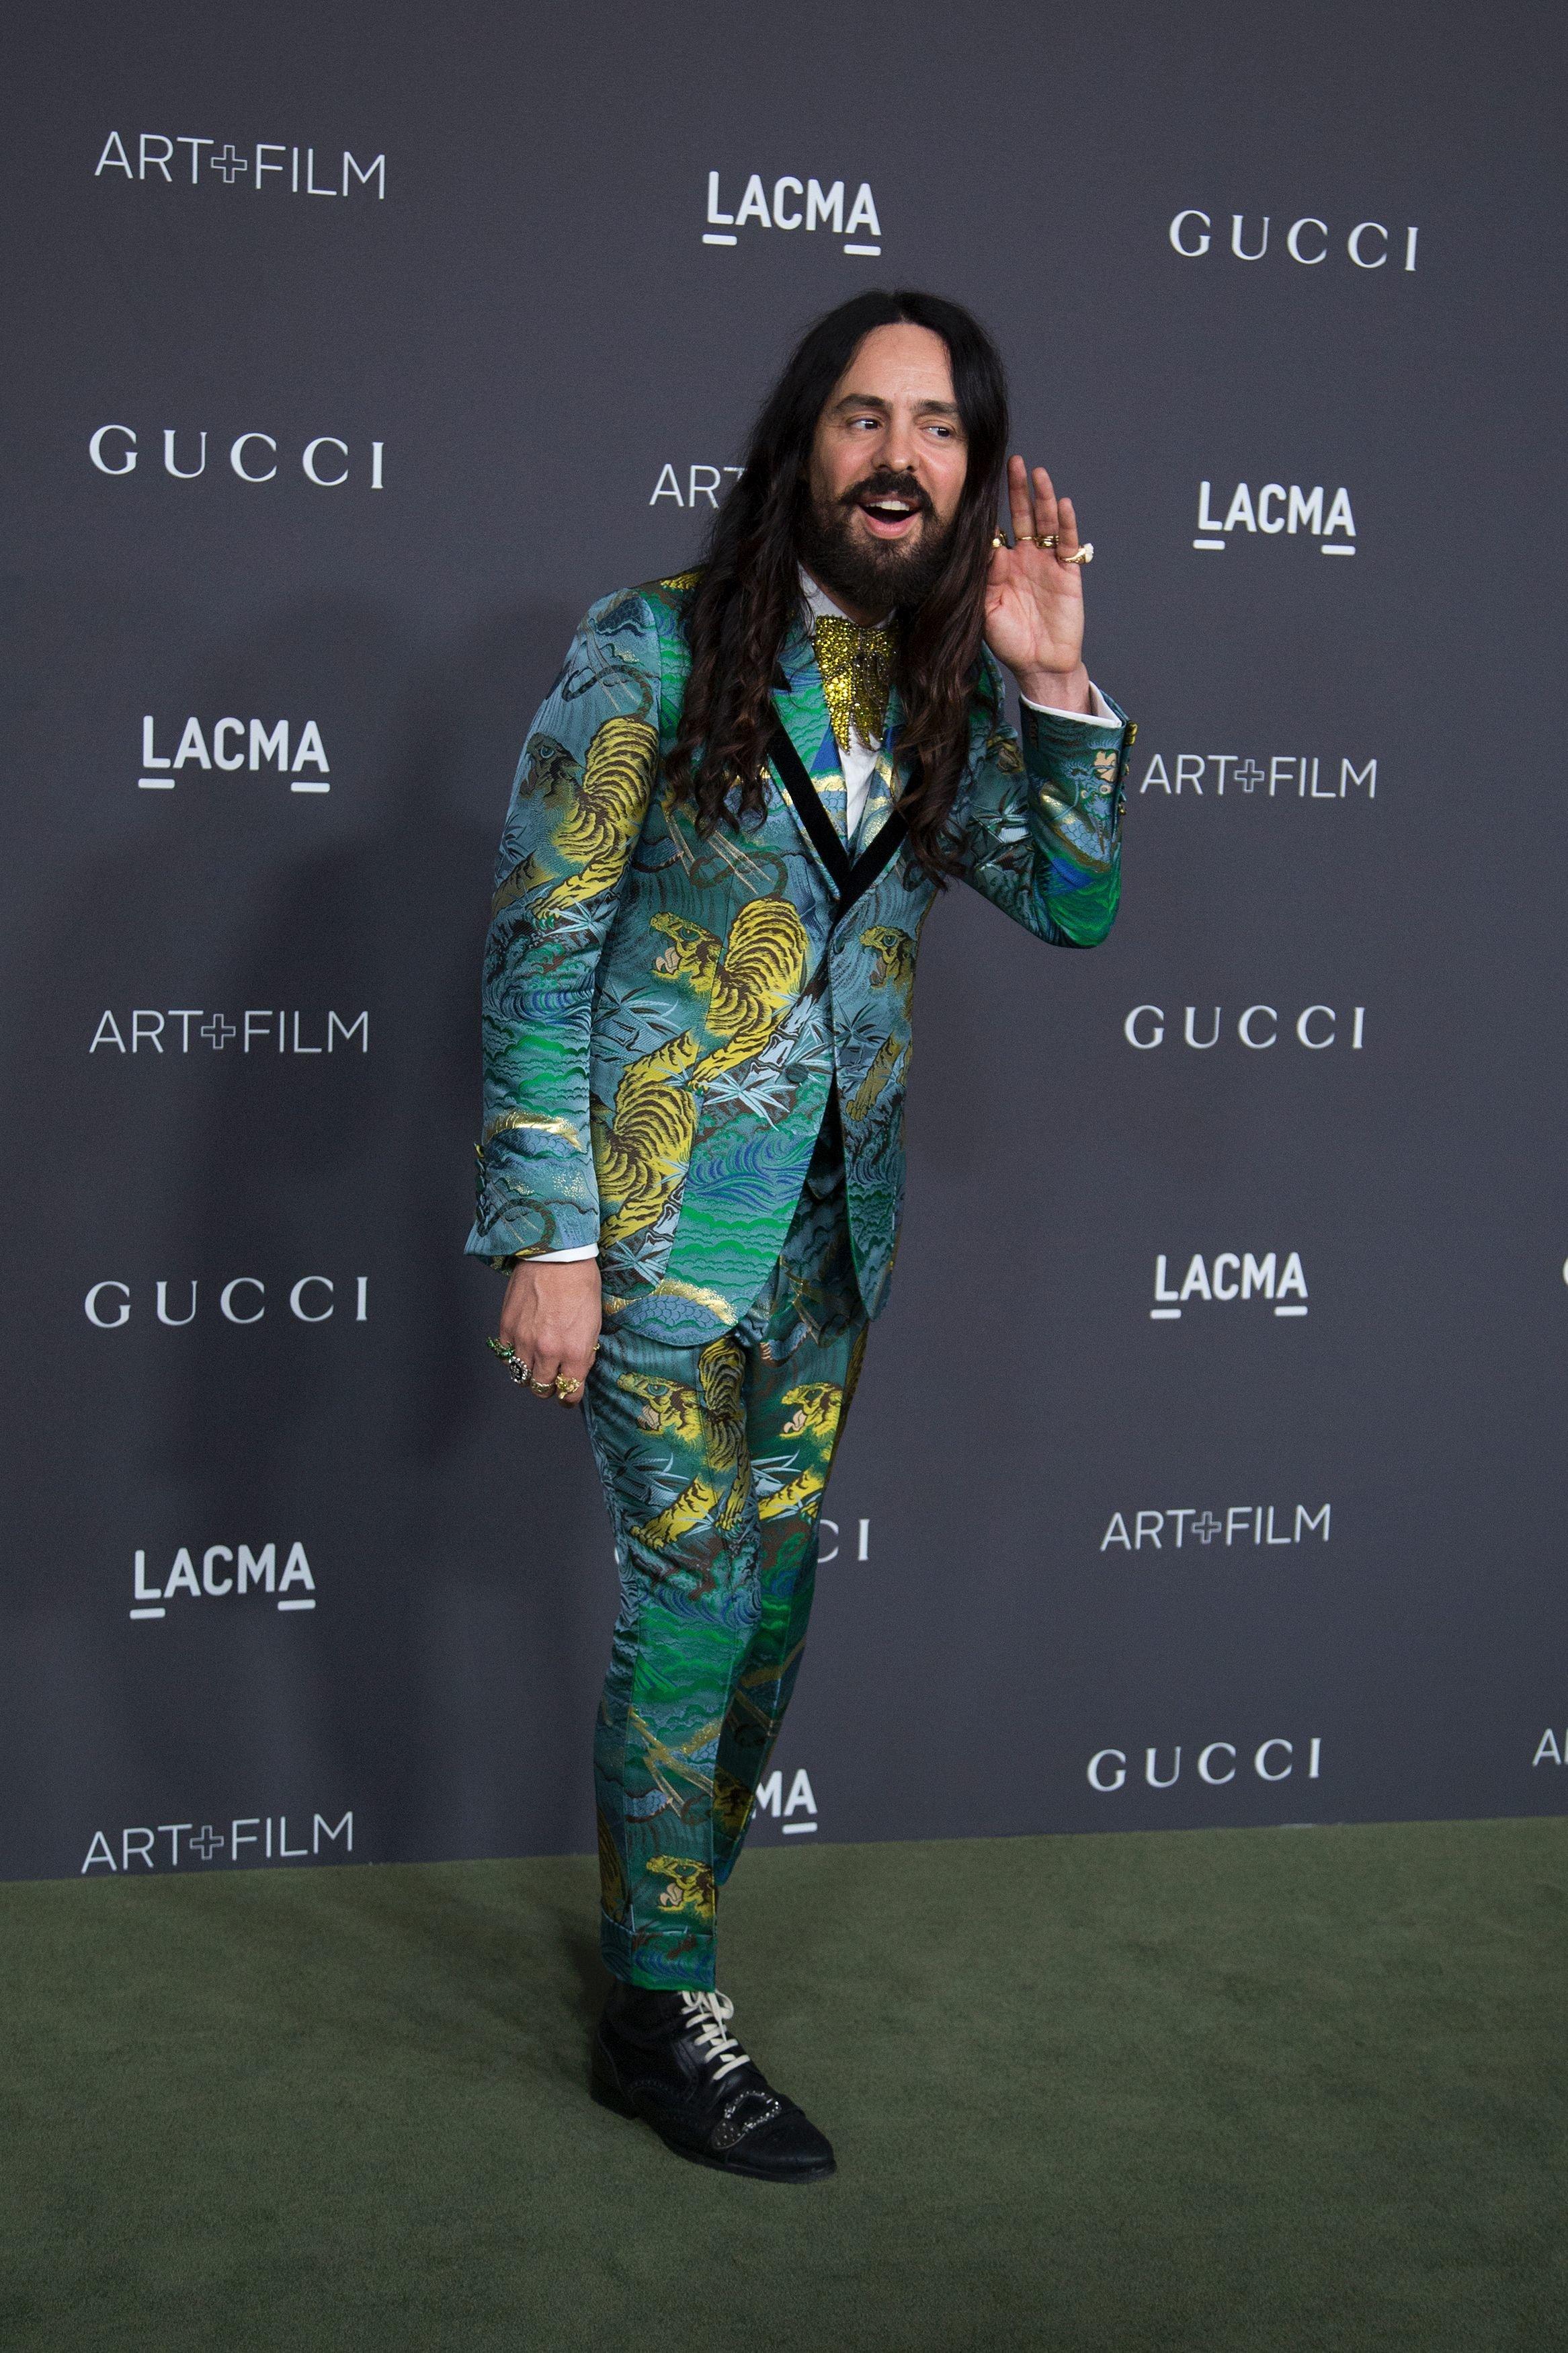 Και ο οίκος Gucci προσφέρει 500 χιλ. δολάρια στον αγώνα κατά της